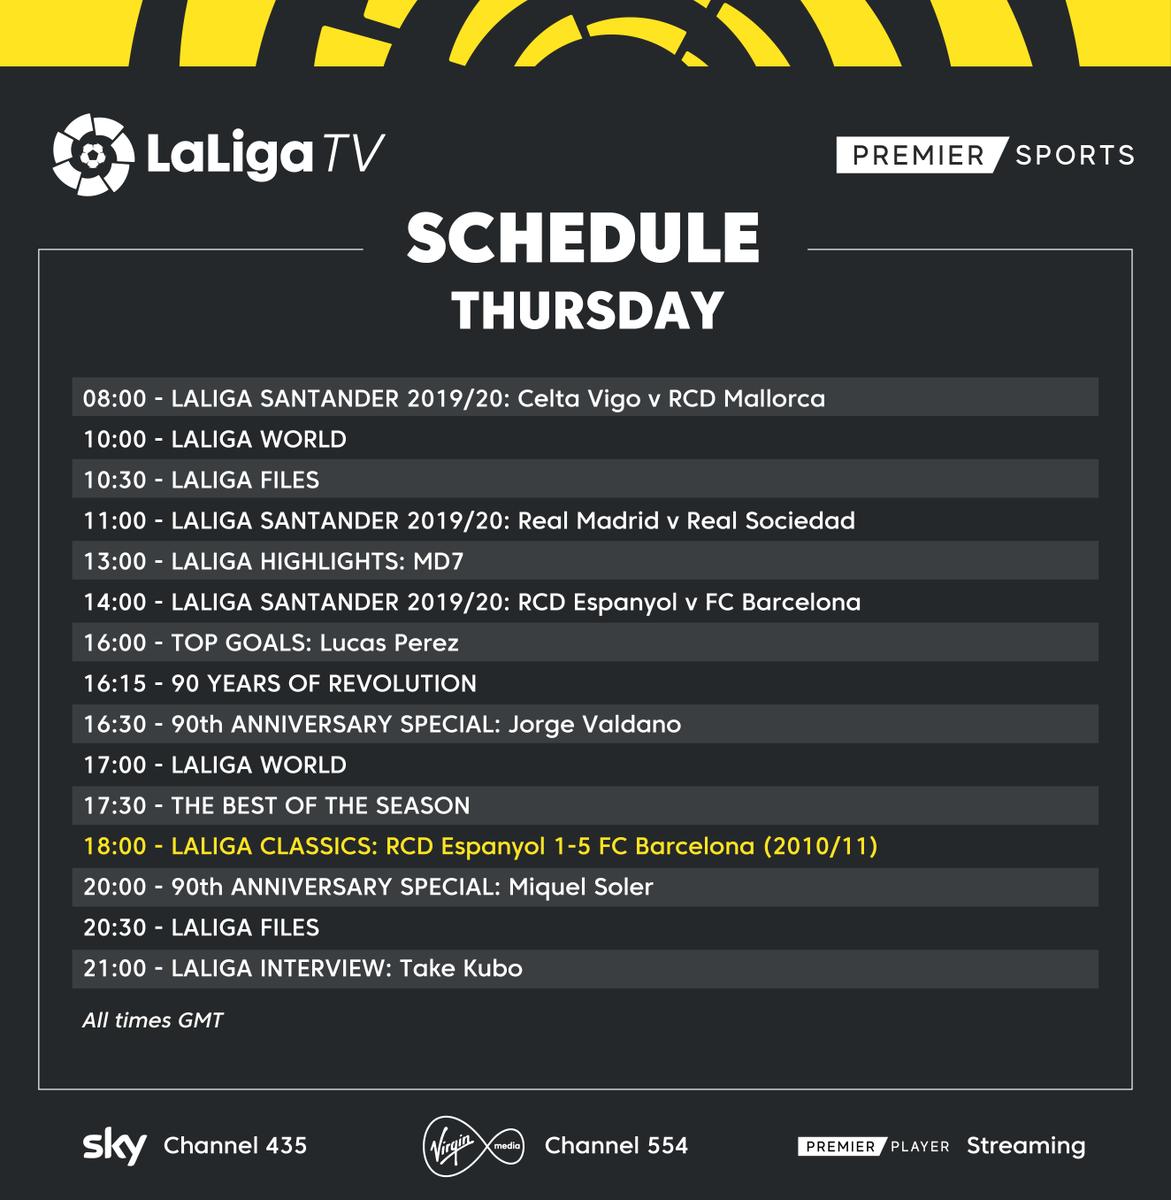 📅 𝗧𝗛𝗨𝗥𝗦𝗗𝗔𝗬 𝗦𝗖𝗛𝗘𝗗𝗨𝗟𝗘 📺 Pochettino v Guardiola in today's #LaLigaClassics on #LaLigaTV! 🏡 #StayAtHome